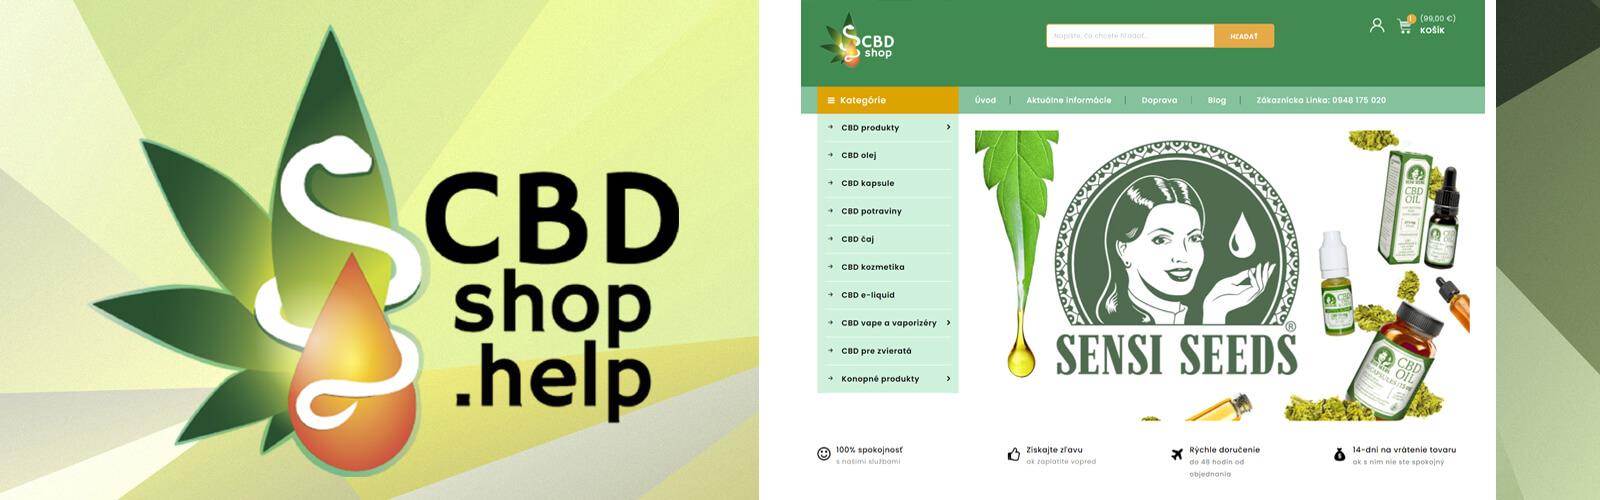 Predajca overených CBD produktov CBDshop.help